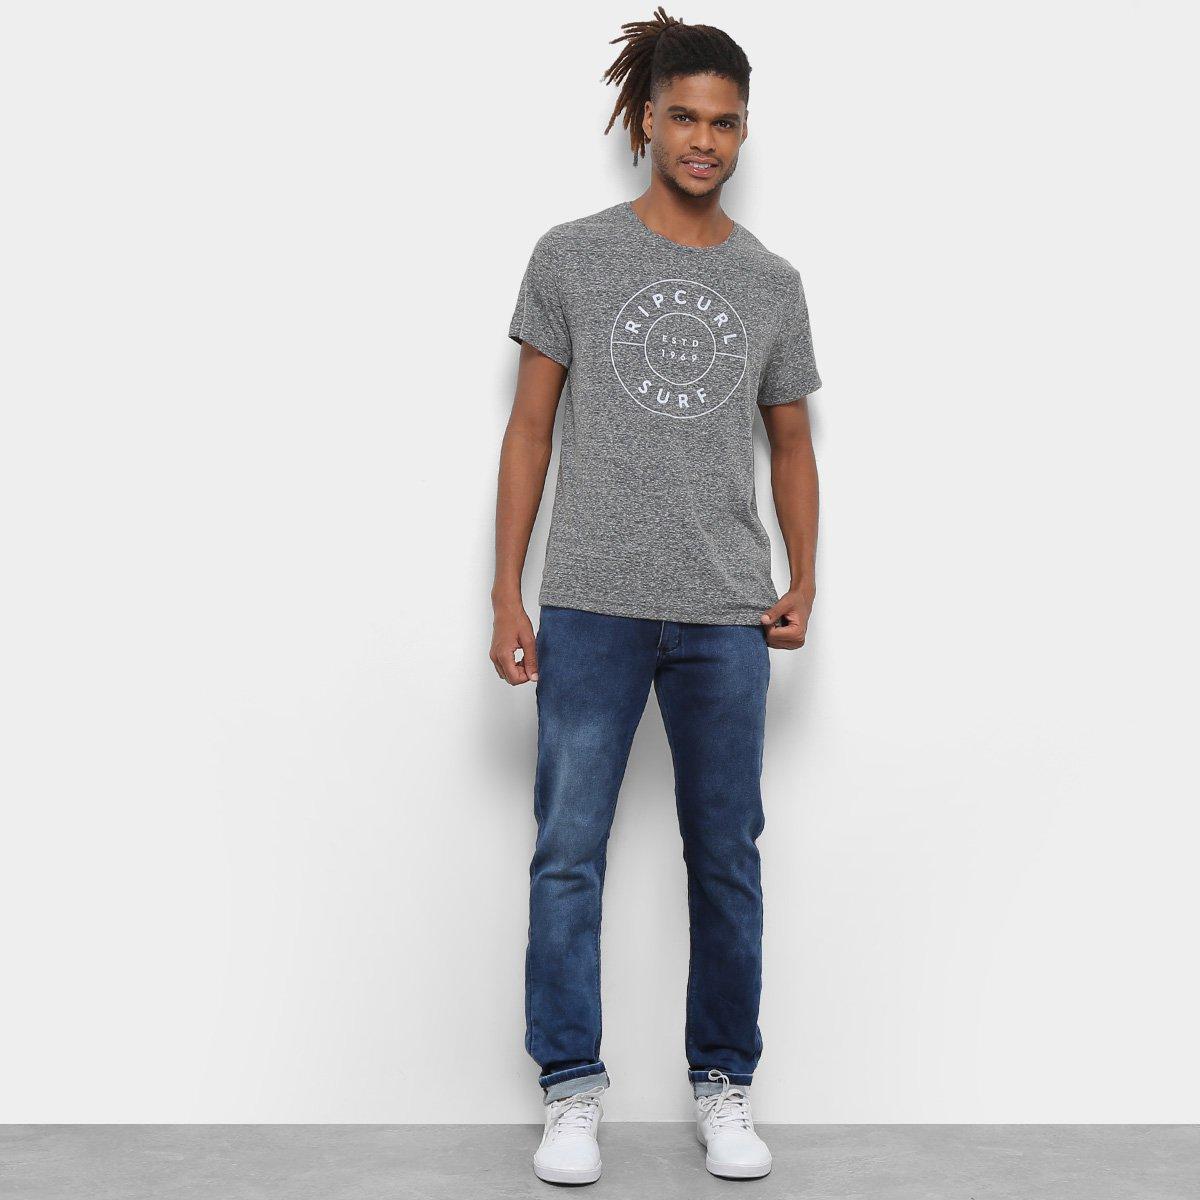 Calça Jeans Rip Curl Confort Used - Tam: 36 - 2